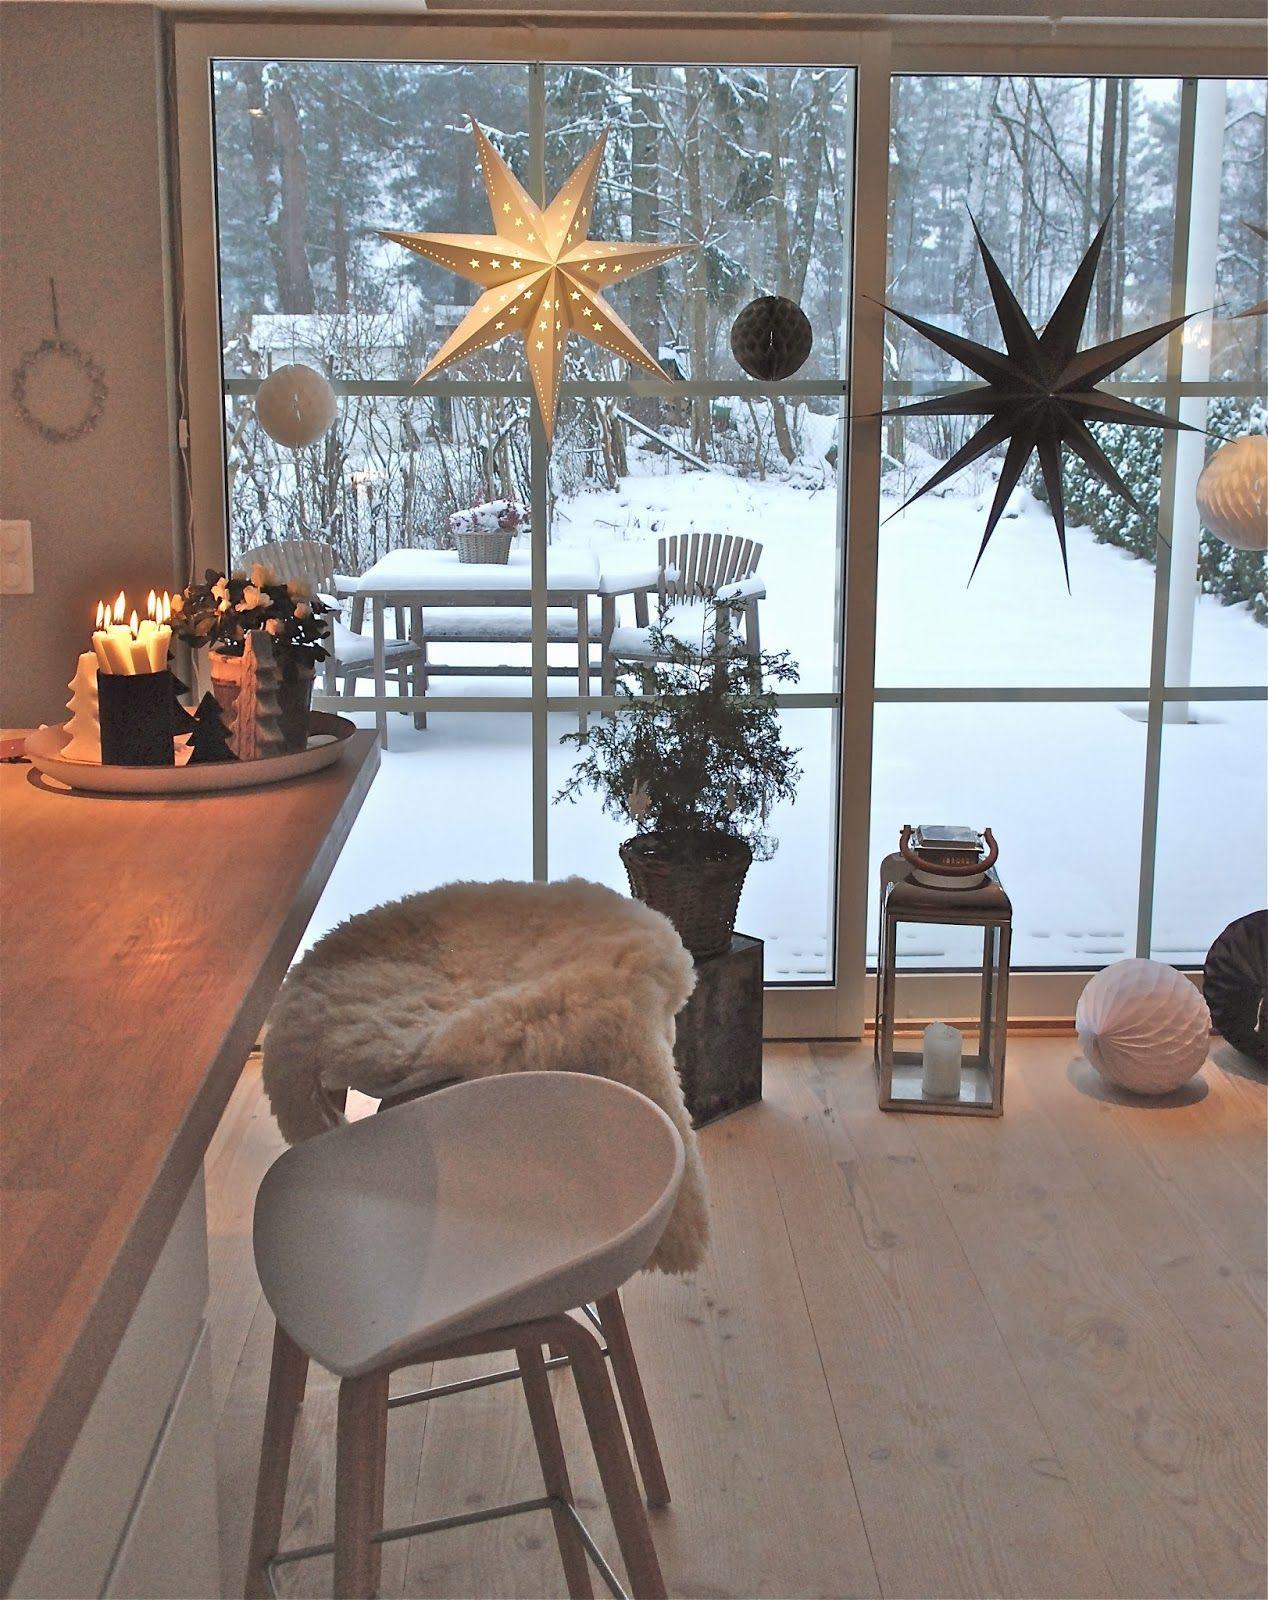 DSC_0441.JPG 1 268×1 600 pixels | Christmas | Pinterest ...